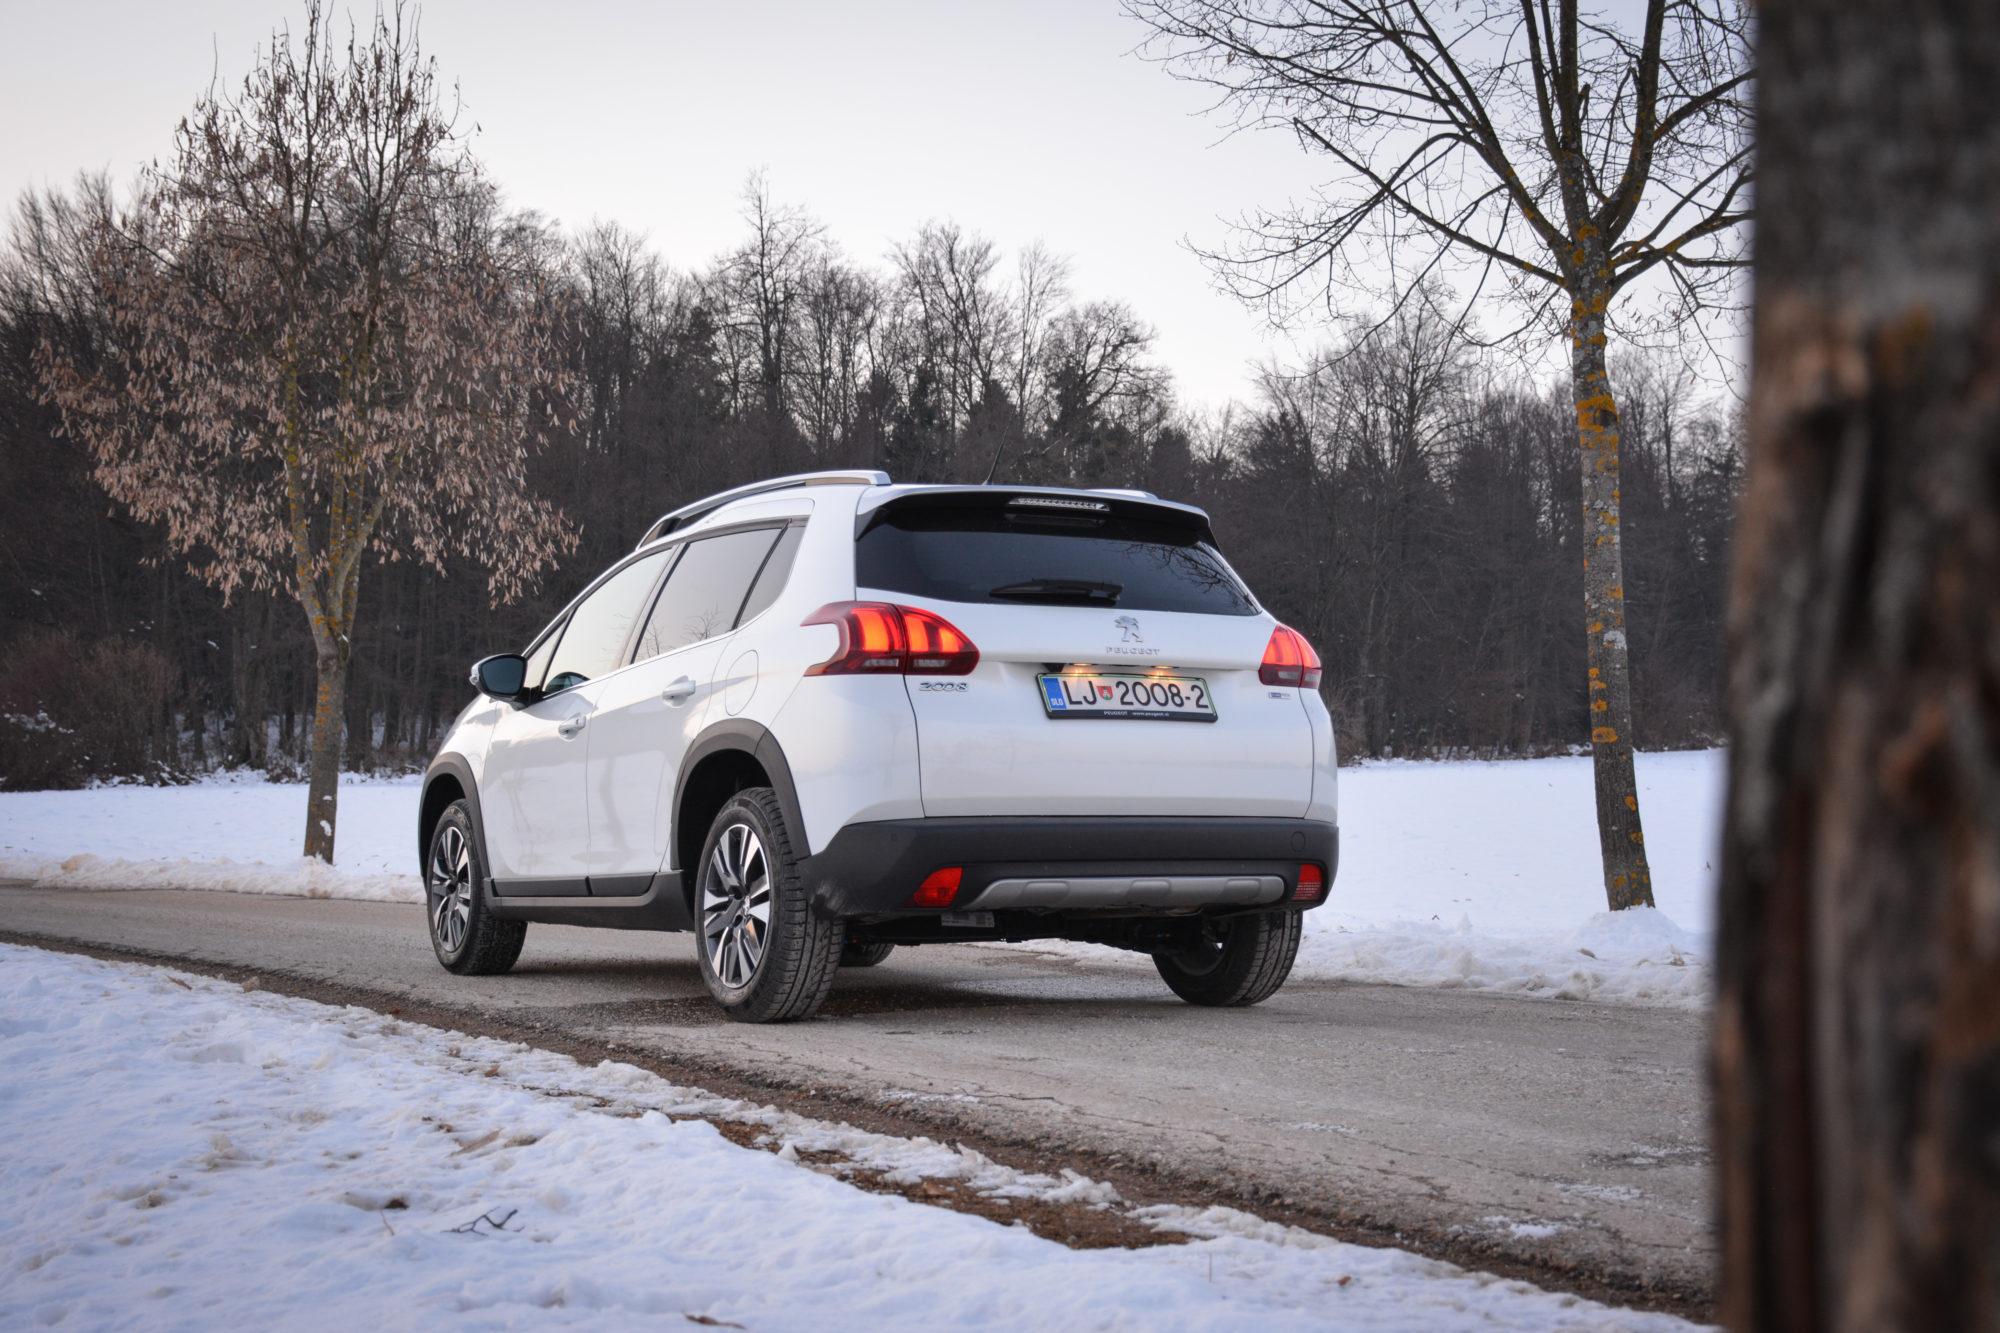 Test: Peugeot 2008 Allure 1.2 THP 110 (ustvarjen, da vam olajša življenje)